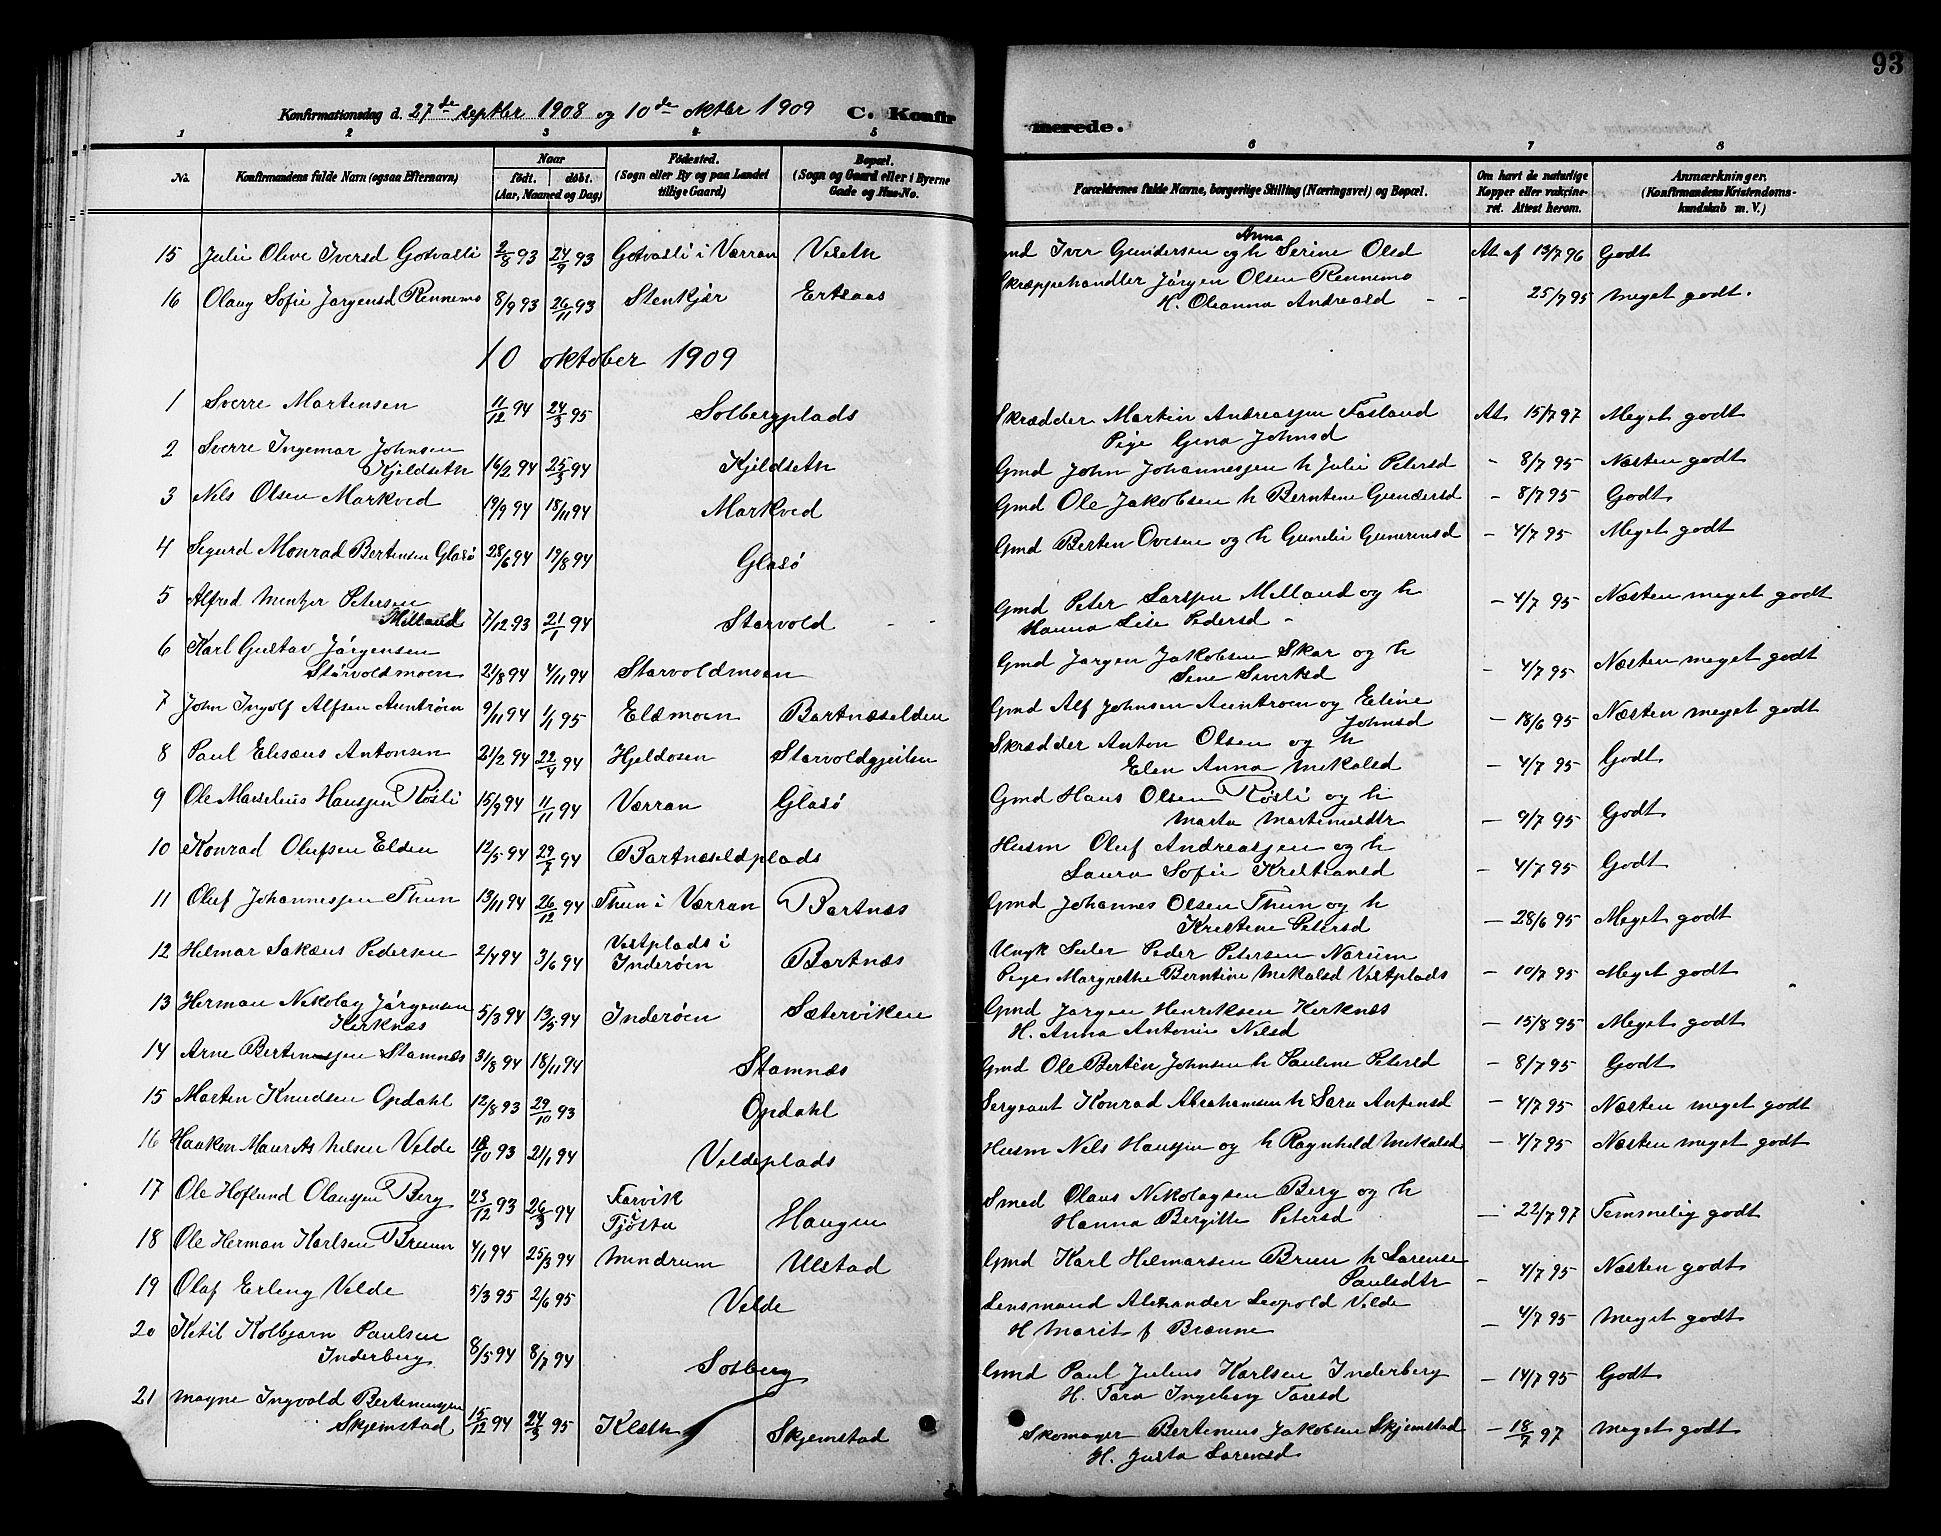 SAT, Ministerialprotokoller, klokkerbøker og fødselsregistre - Nord-Trøndelag, 741/L0401: Klokkerbok nr. 741C02, 1899-1911, s. 93